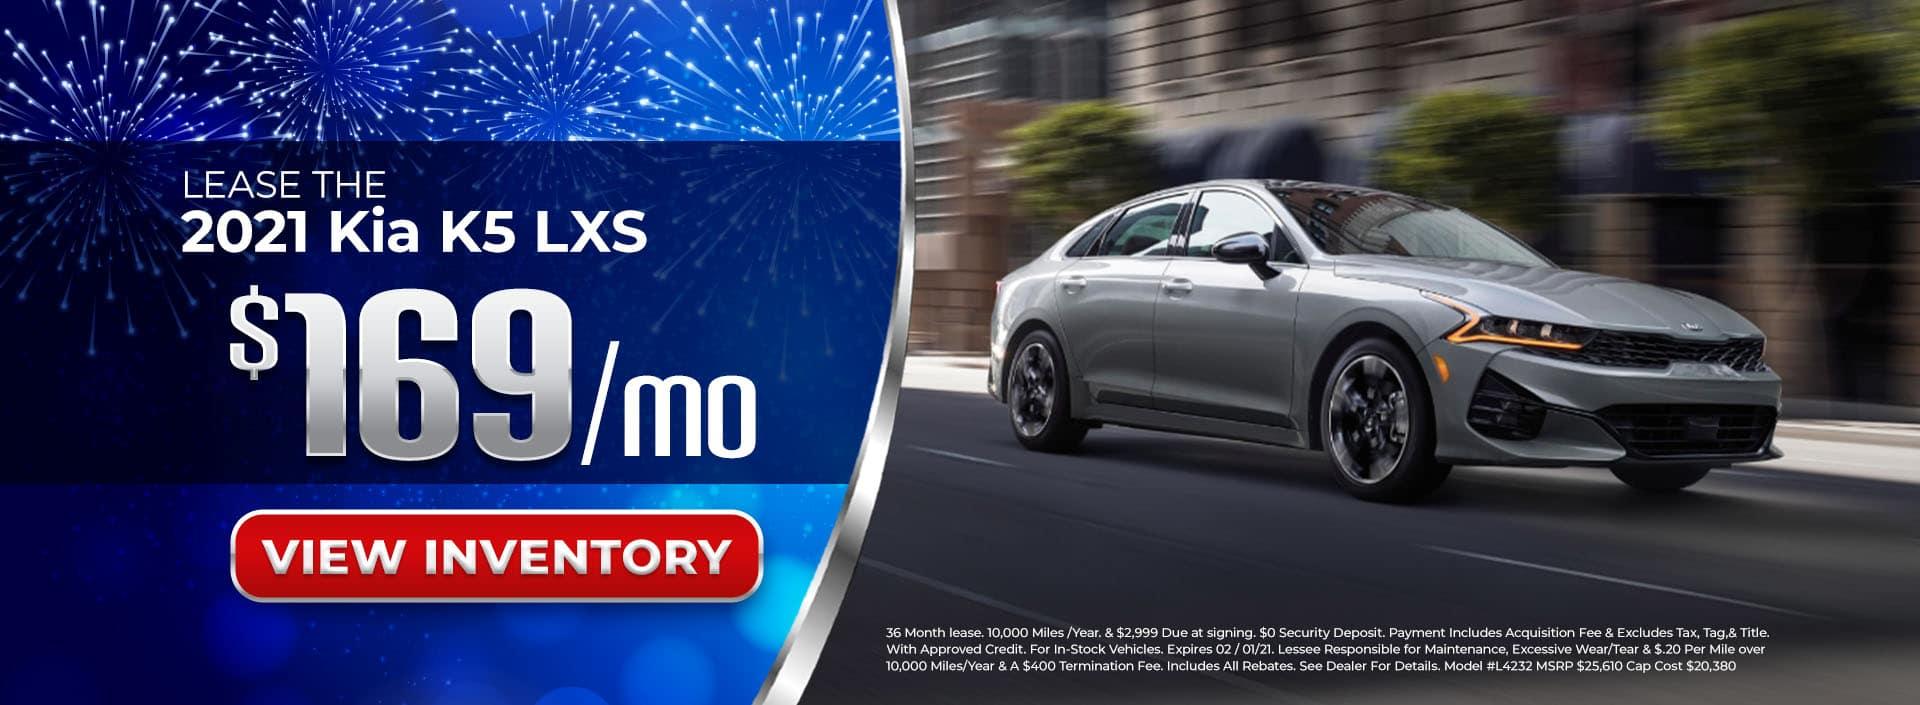 Lease 2021 Kia K5 for $169/mo in Atlanta, GA